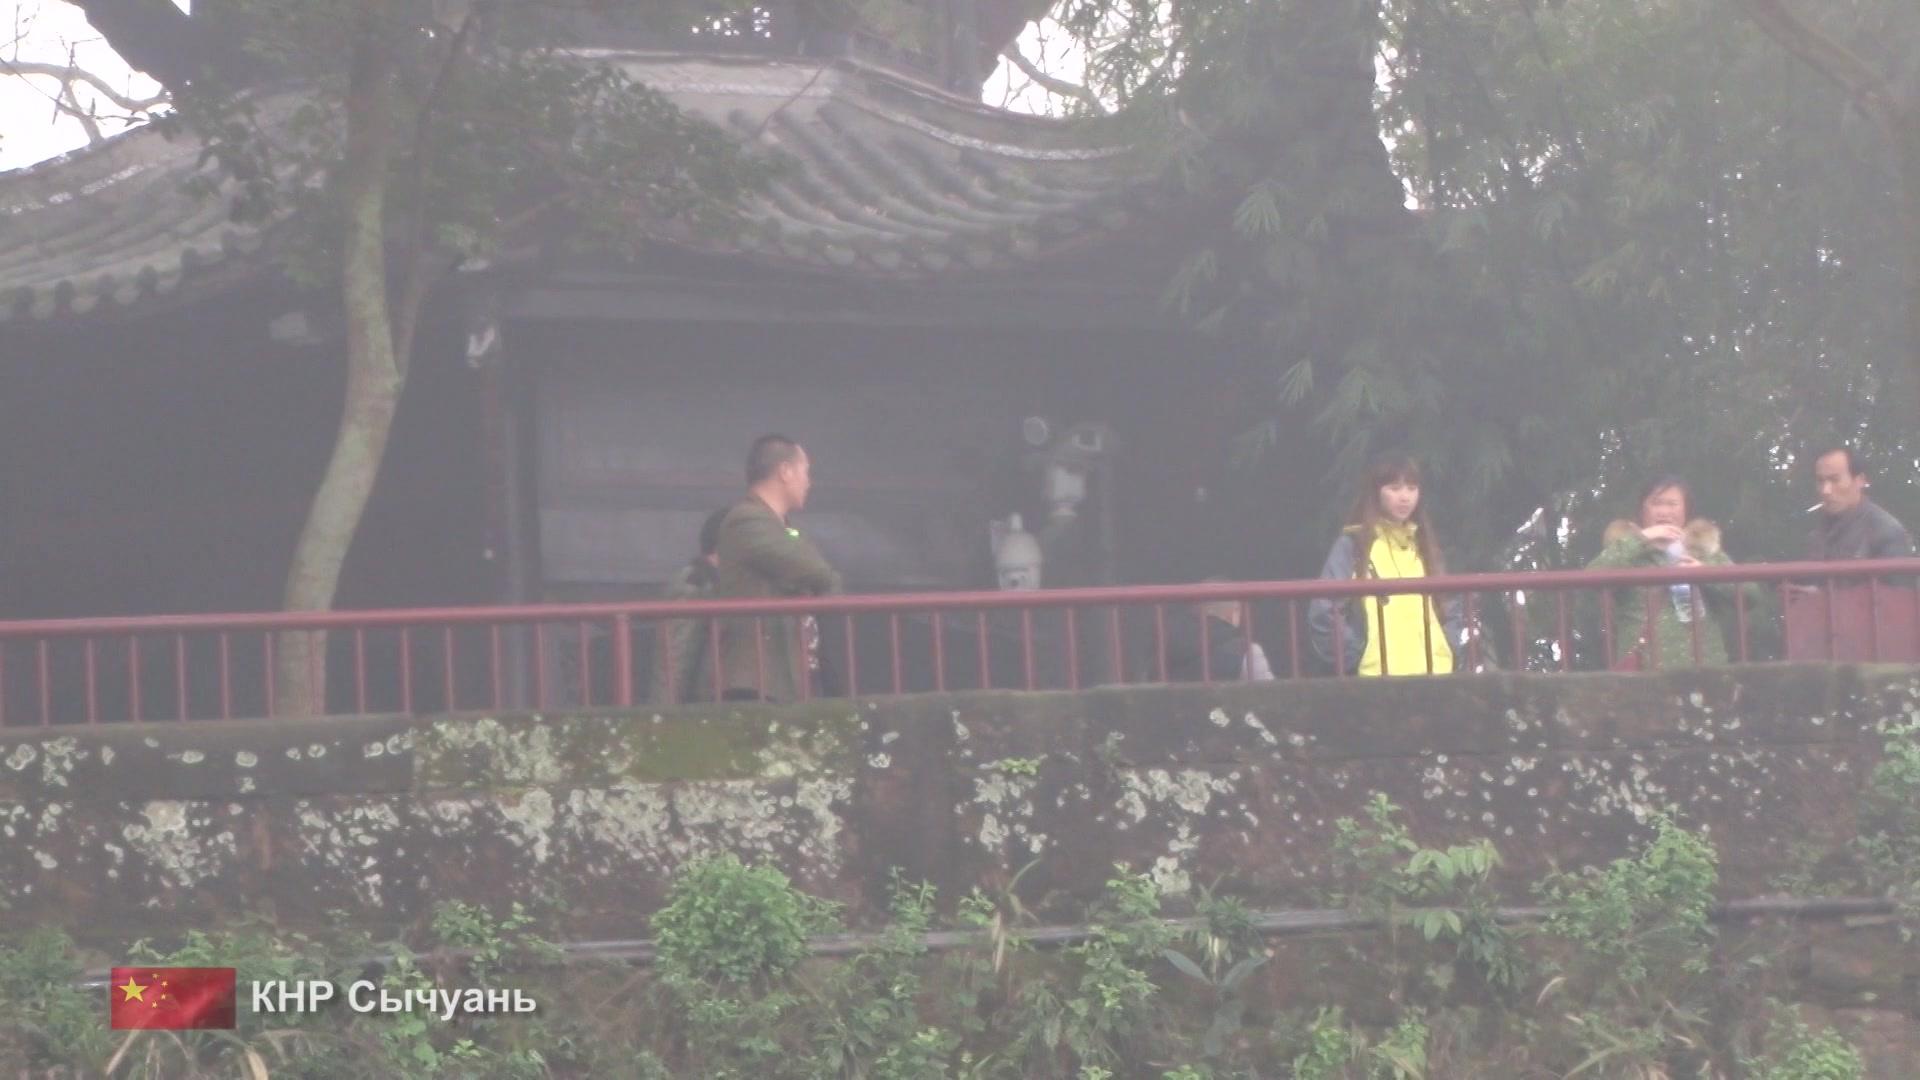 Мировая прогулка: Китай (провинция Сычуань) - Серия 5